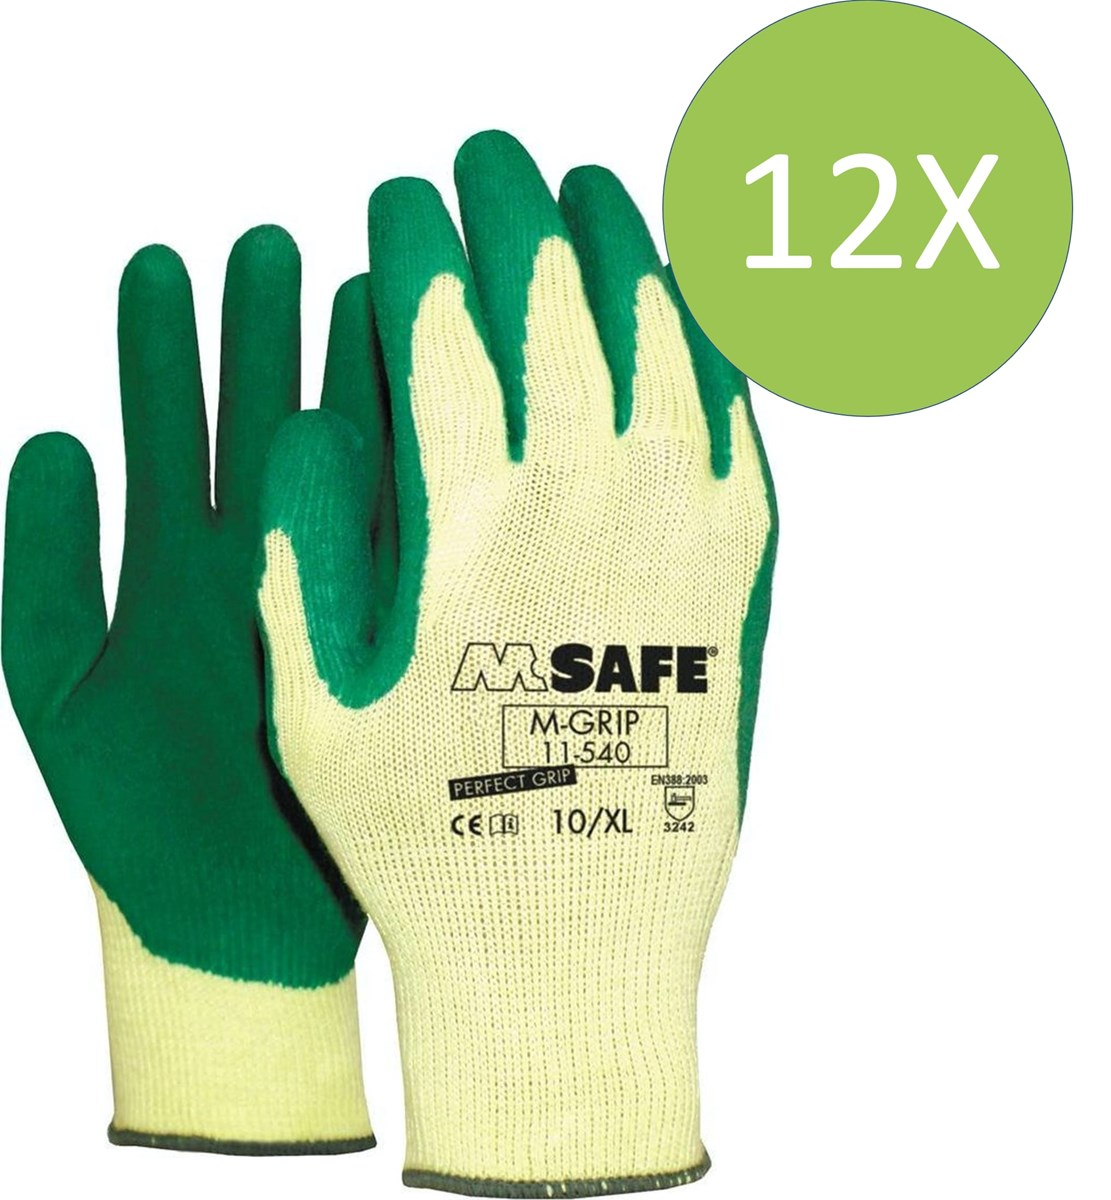 M-grip handschoen 11-540 - 7 - 12 paar